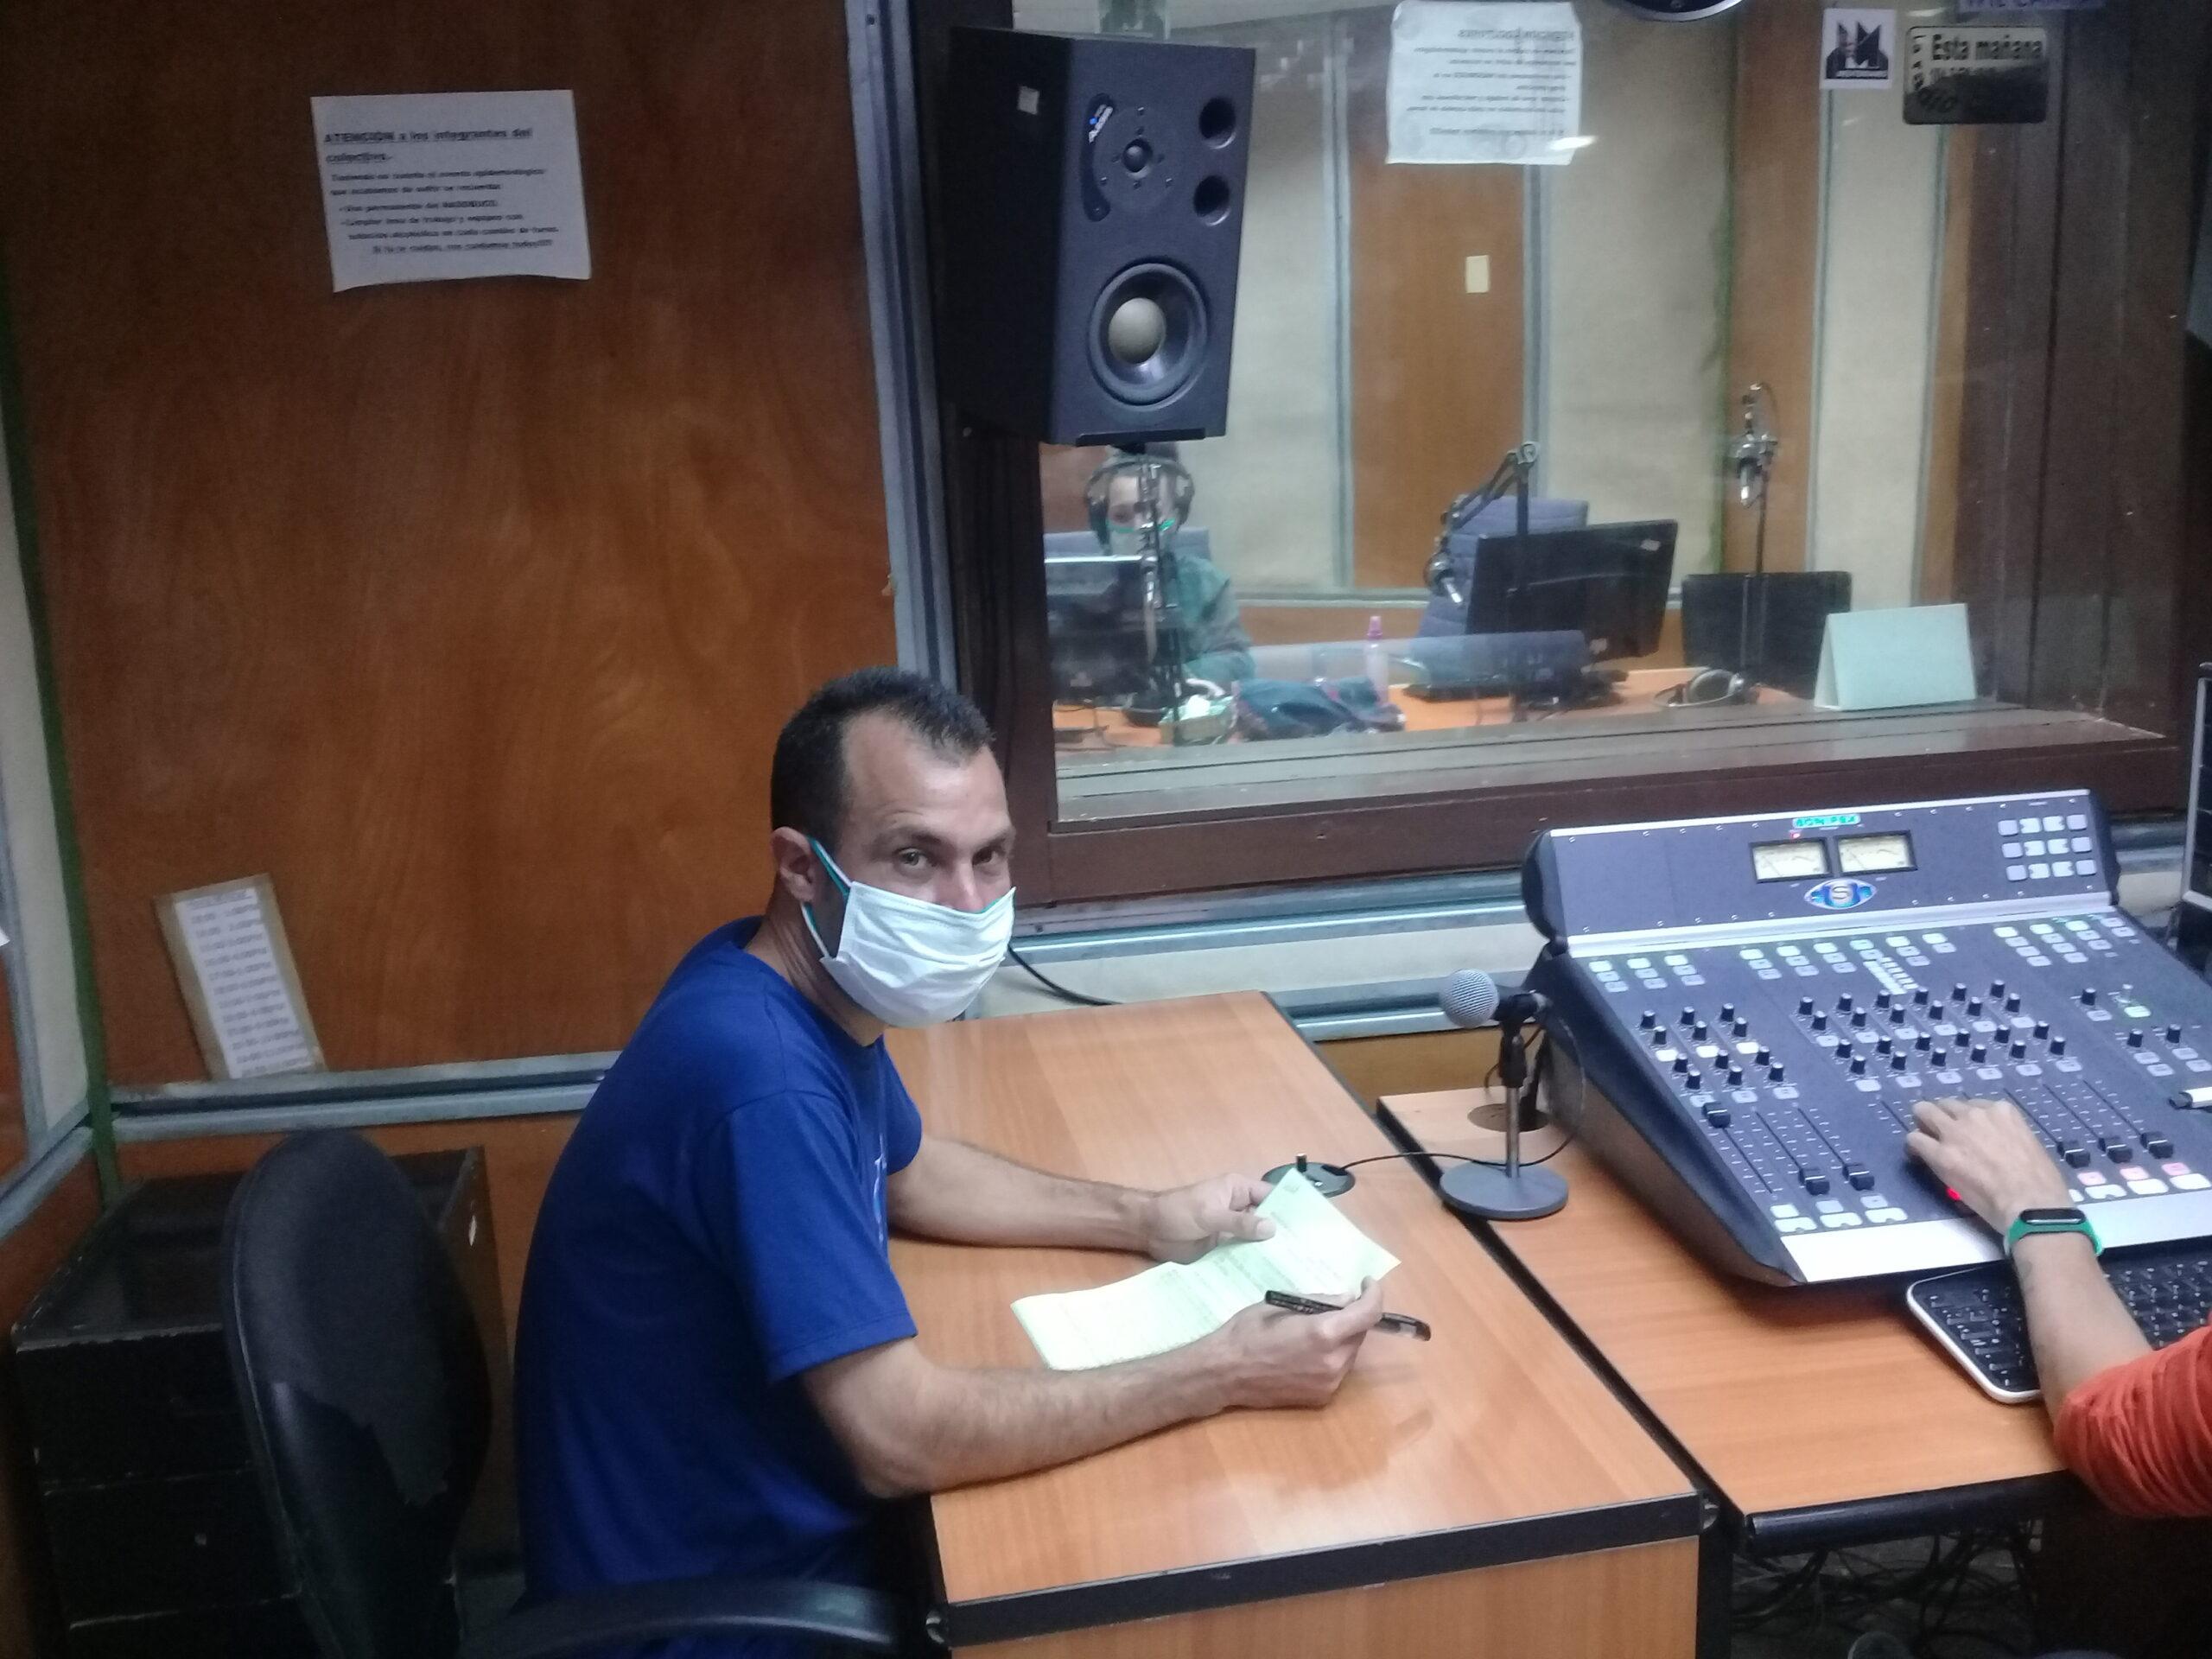 Maykel Simón Ramos joven realizador con sobresalientes resultados como artista y en funciones periodísticas.